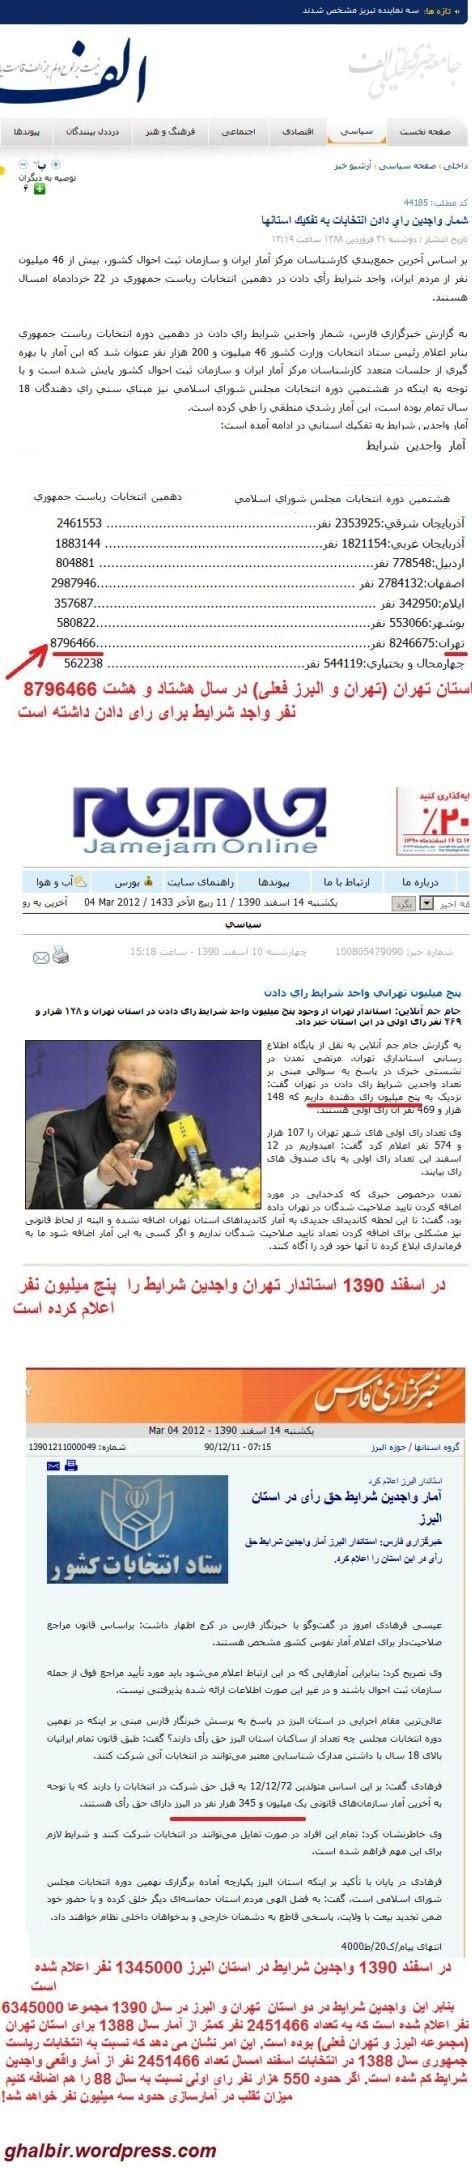 سه میلیون نفر تقلب در اعلام آمار واجدین شرایط رای دادن در تهران و البرز برای کمرنگ کردن تحریم انتخابات توسط مردم